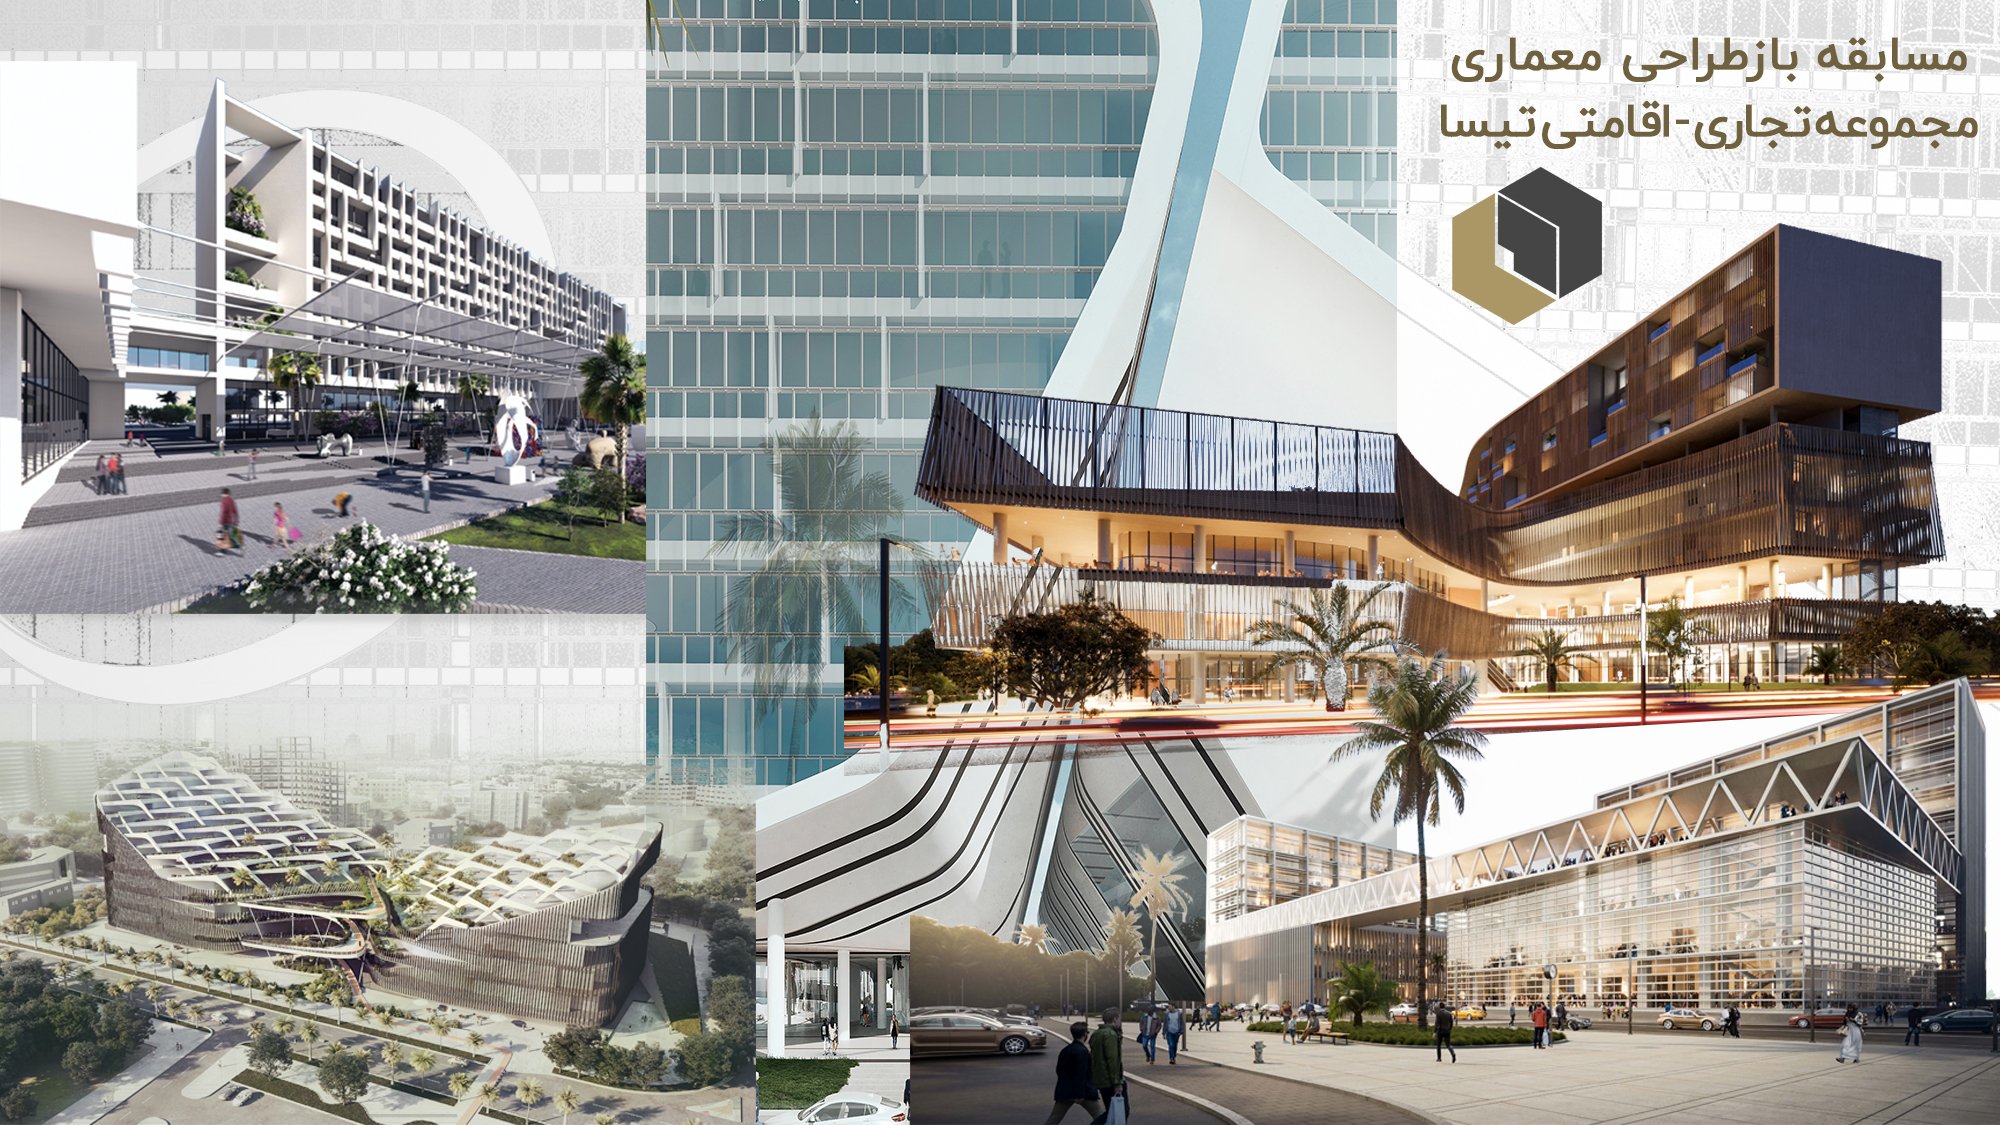 مسابقه بازطراحی معماری پروژه تجاری – اقامتی تیسا